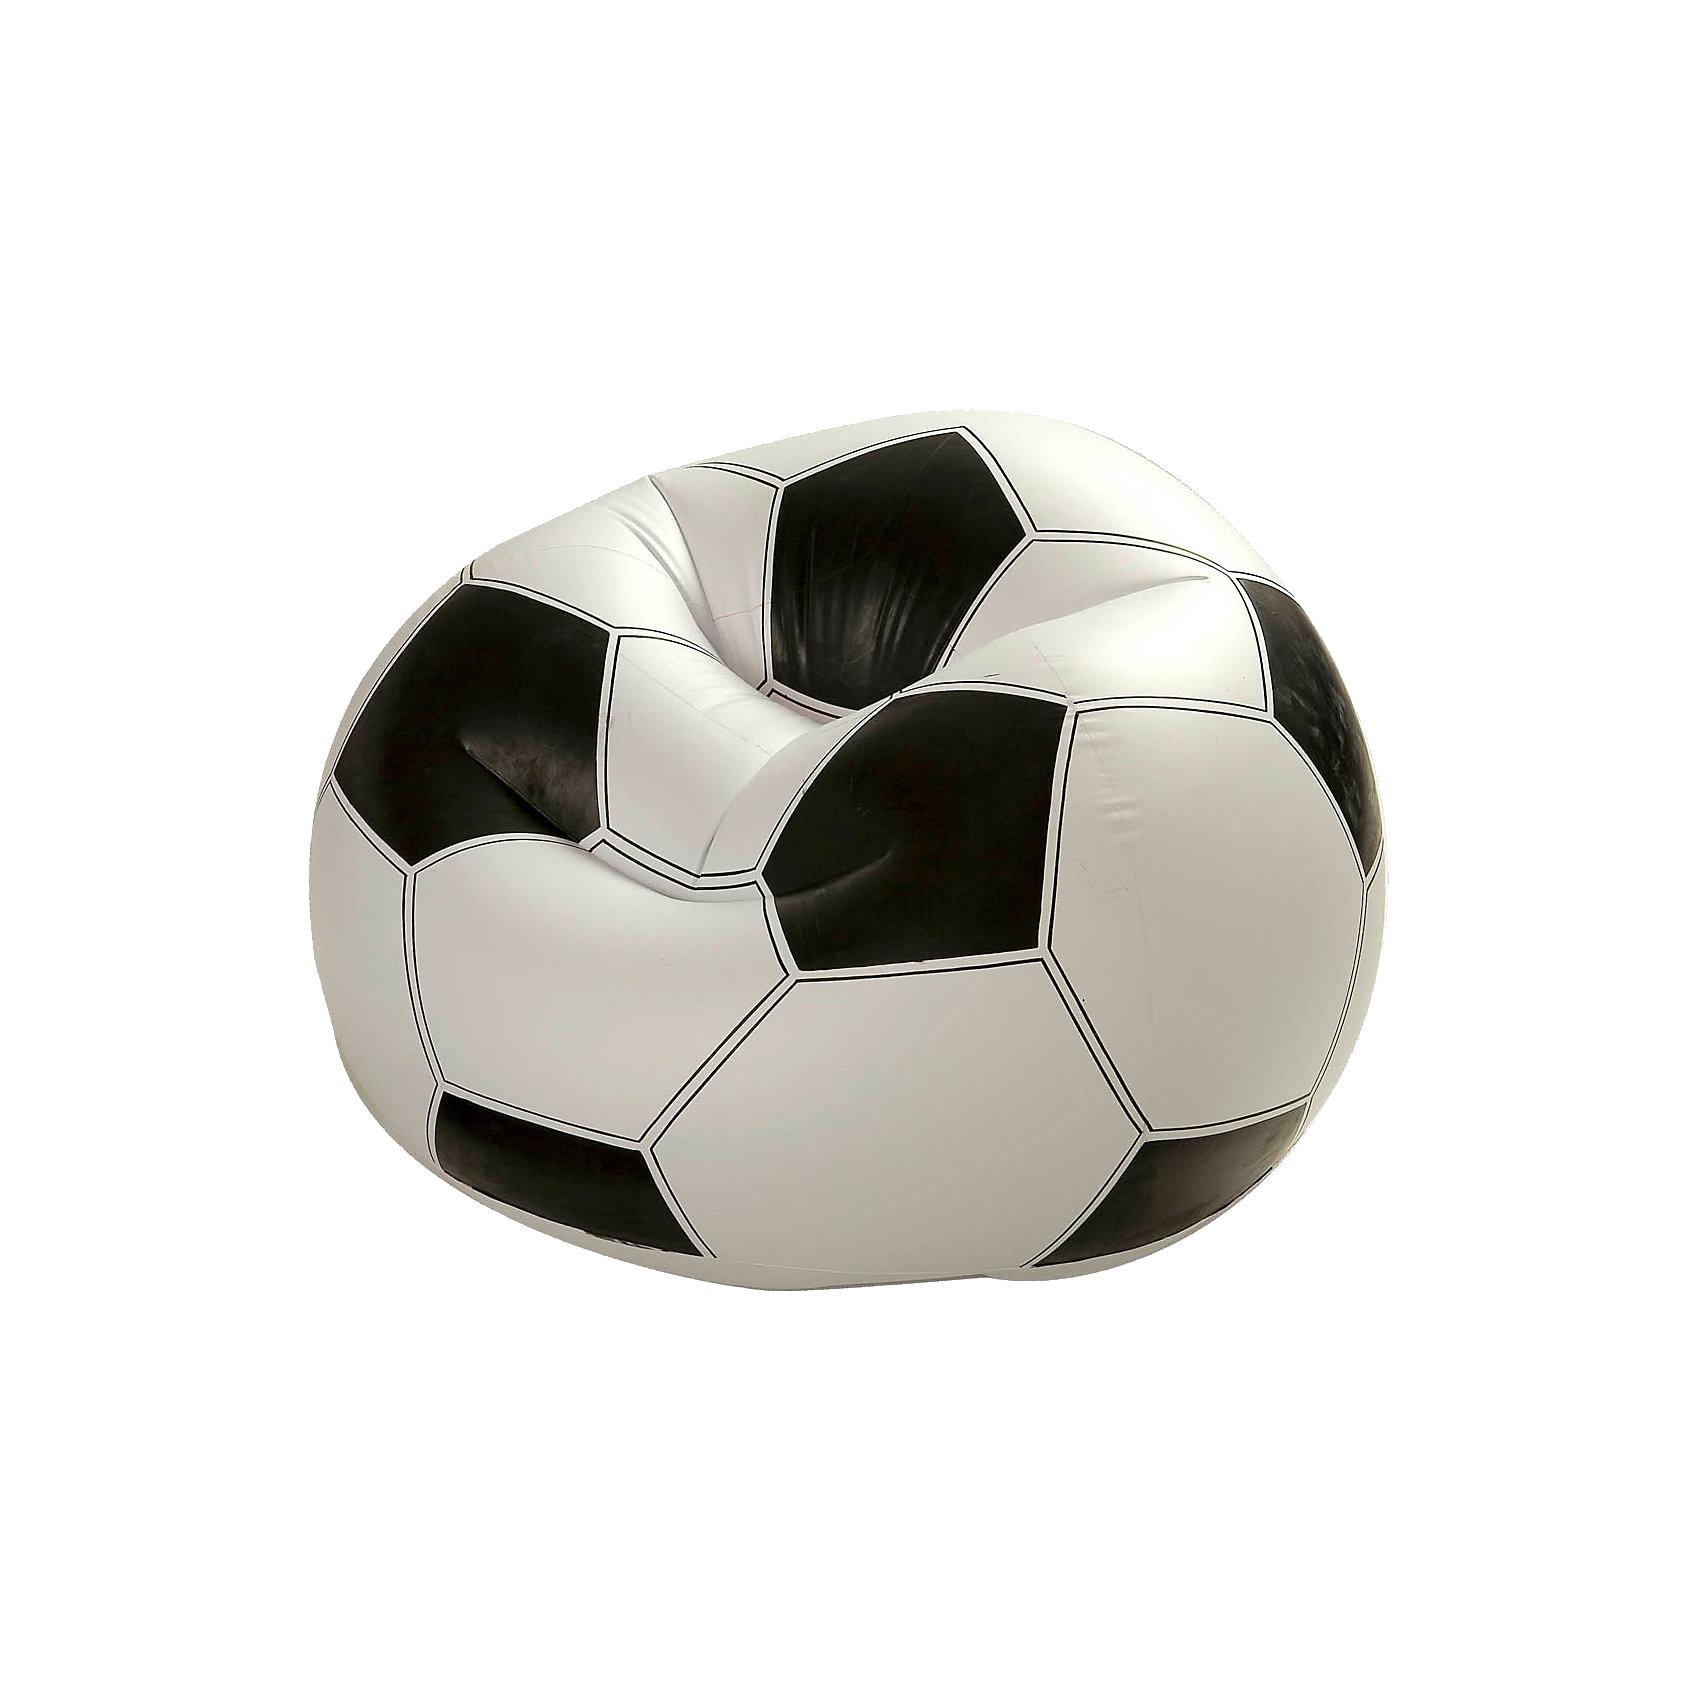 Надувное кресло Футбольный мяч, IntexНадувное кресло Футбольный мяч, Intex (Интекс) отличный подарок юному футбольному болельщику. Кресло изготовлено из прочного водоотталкивающего материала, легко выдерживает вес взрослого человека. Подкачивая или сдувая кресло можно регулировать его жесткость для оптимального комфорта, кресло принимает форму тела. Благодаря малому весу, кресло легко перемещать в нужное вам место.<br><br>Дополнительная информация:<br><br>- Размер: 108 x 110 x 66 см<br>- Максимальная нагрузка: 100 кг<br>- Поставляется в сдутом виде<br>- Накачивается обычным насосом (в комплект не входит)<br><br>Надувное кресло Футбольный мяч, Intex (Интекс) можно купить в нашем интернет-магазине.<br><br>Ширина мм: 309<br>Глубина мм: 271<br>Высота мм: 105<br>Вес г: 2194<br>Возраст от месяцев: 72<br>Возраст до месяцев: 1164<br>Пол: Мужской<br>Возраст: Детский<br>SKU: 2113725